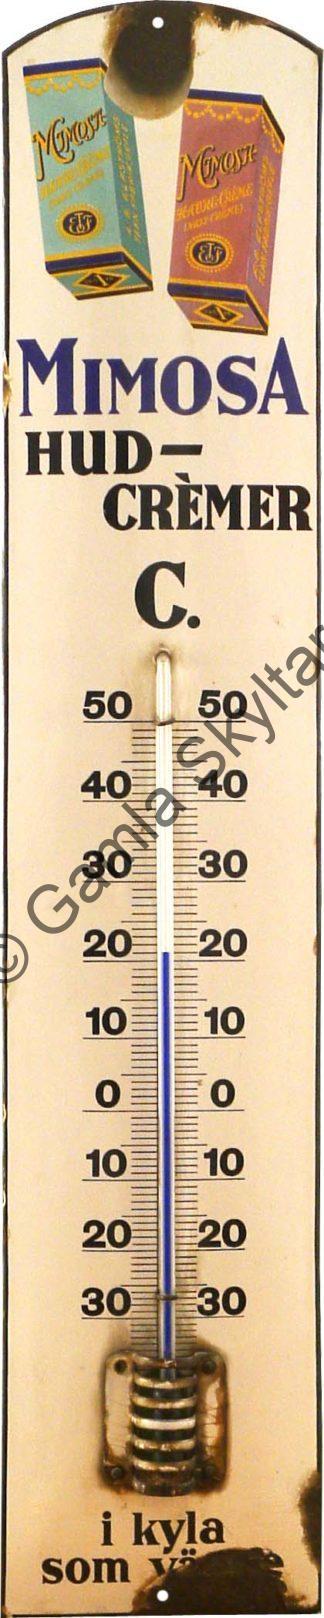 Termometer arkiv Gamla Skyltar